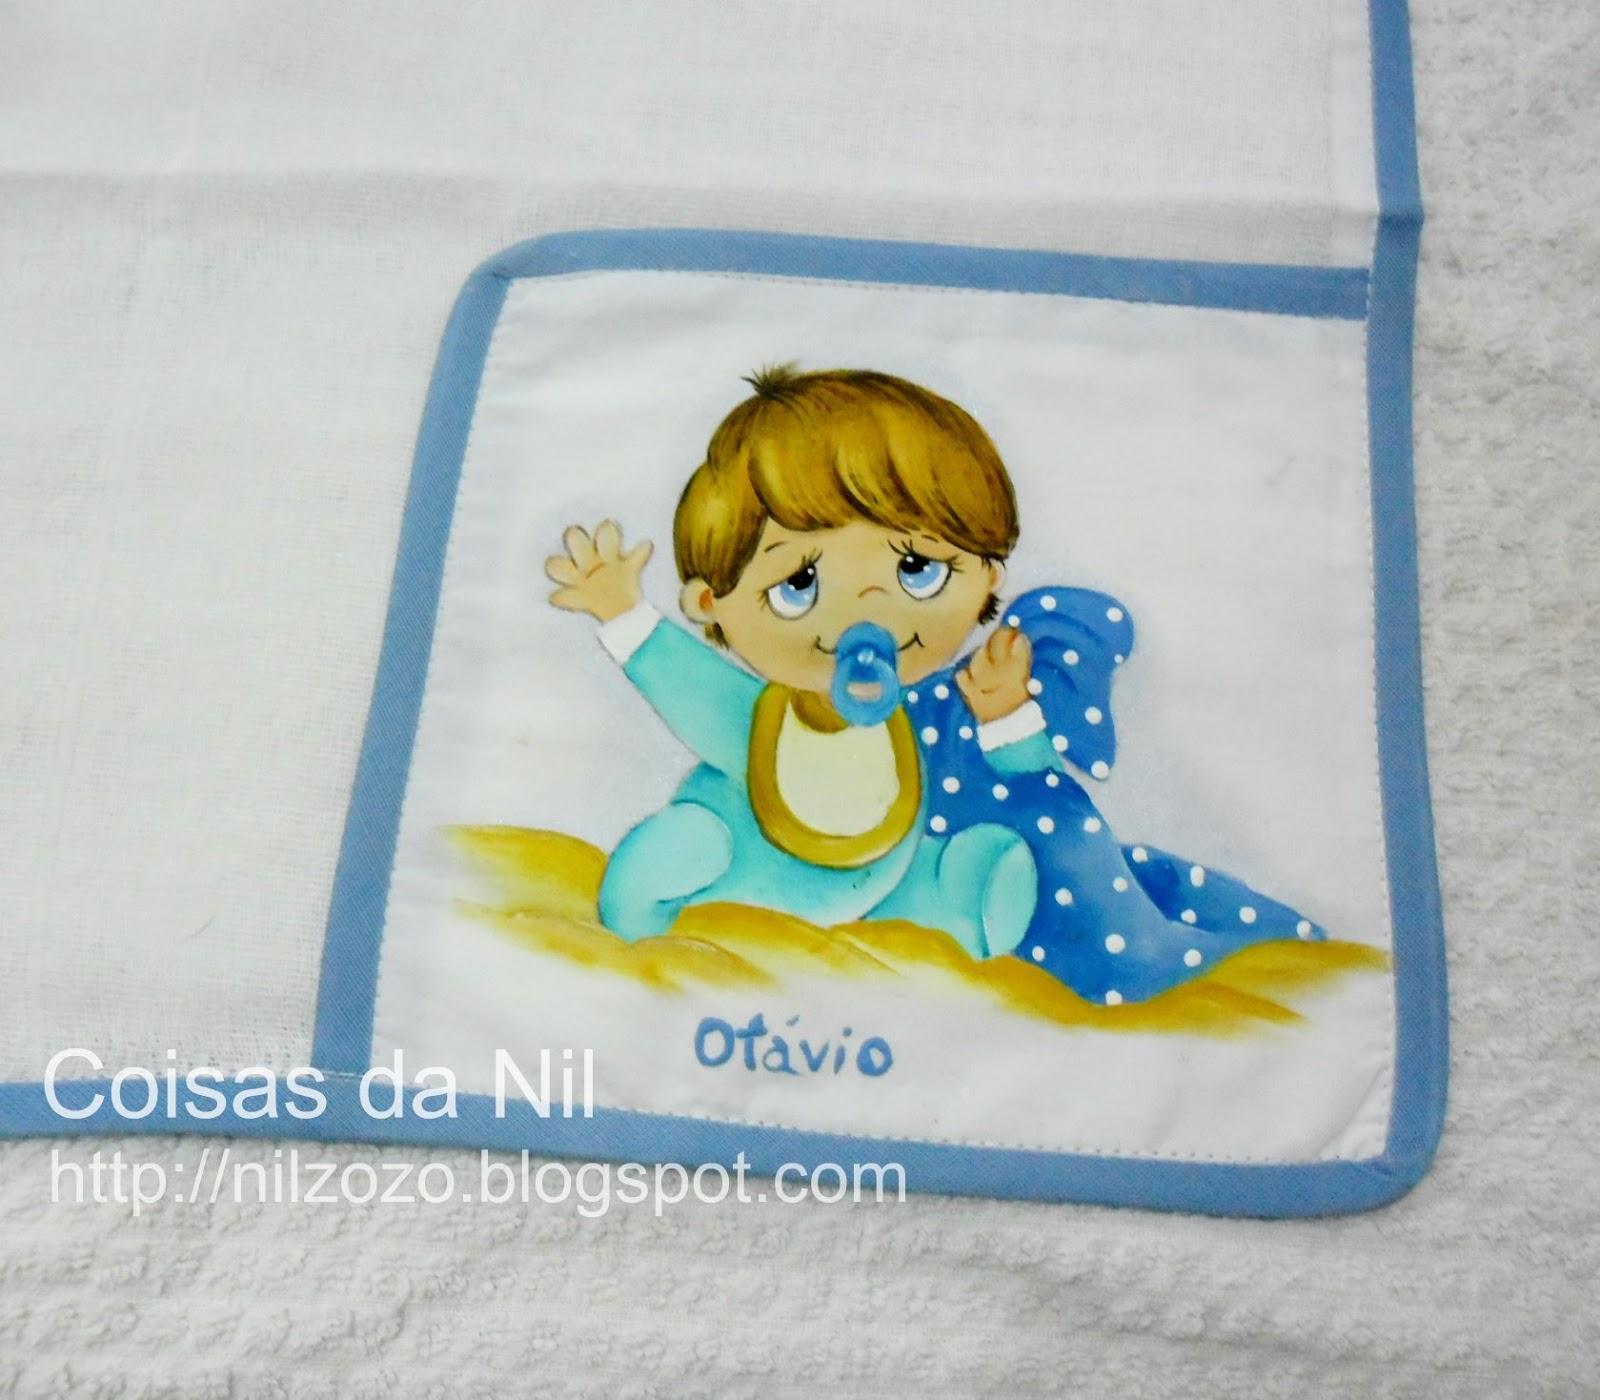 Fabuloso Coisas da Nil - Pintura em tecido: Só meninos. CH19